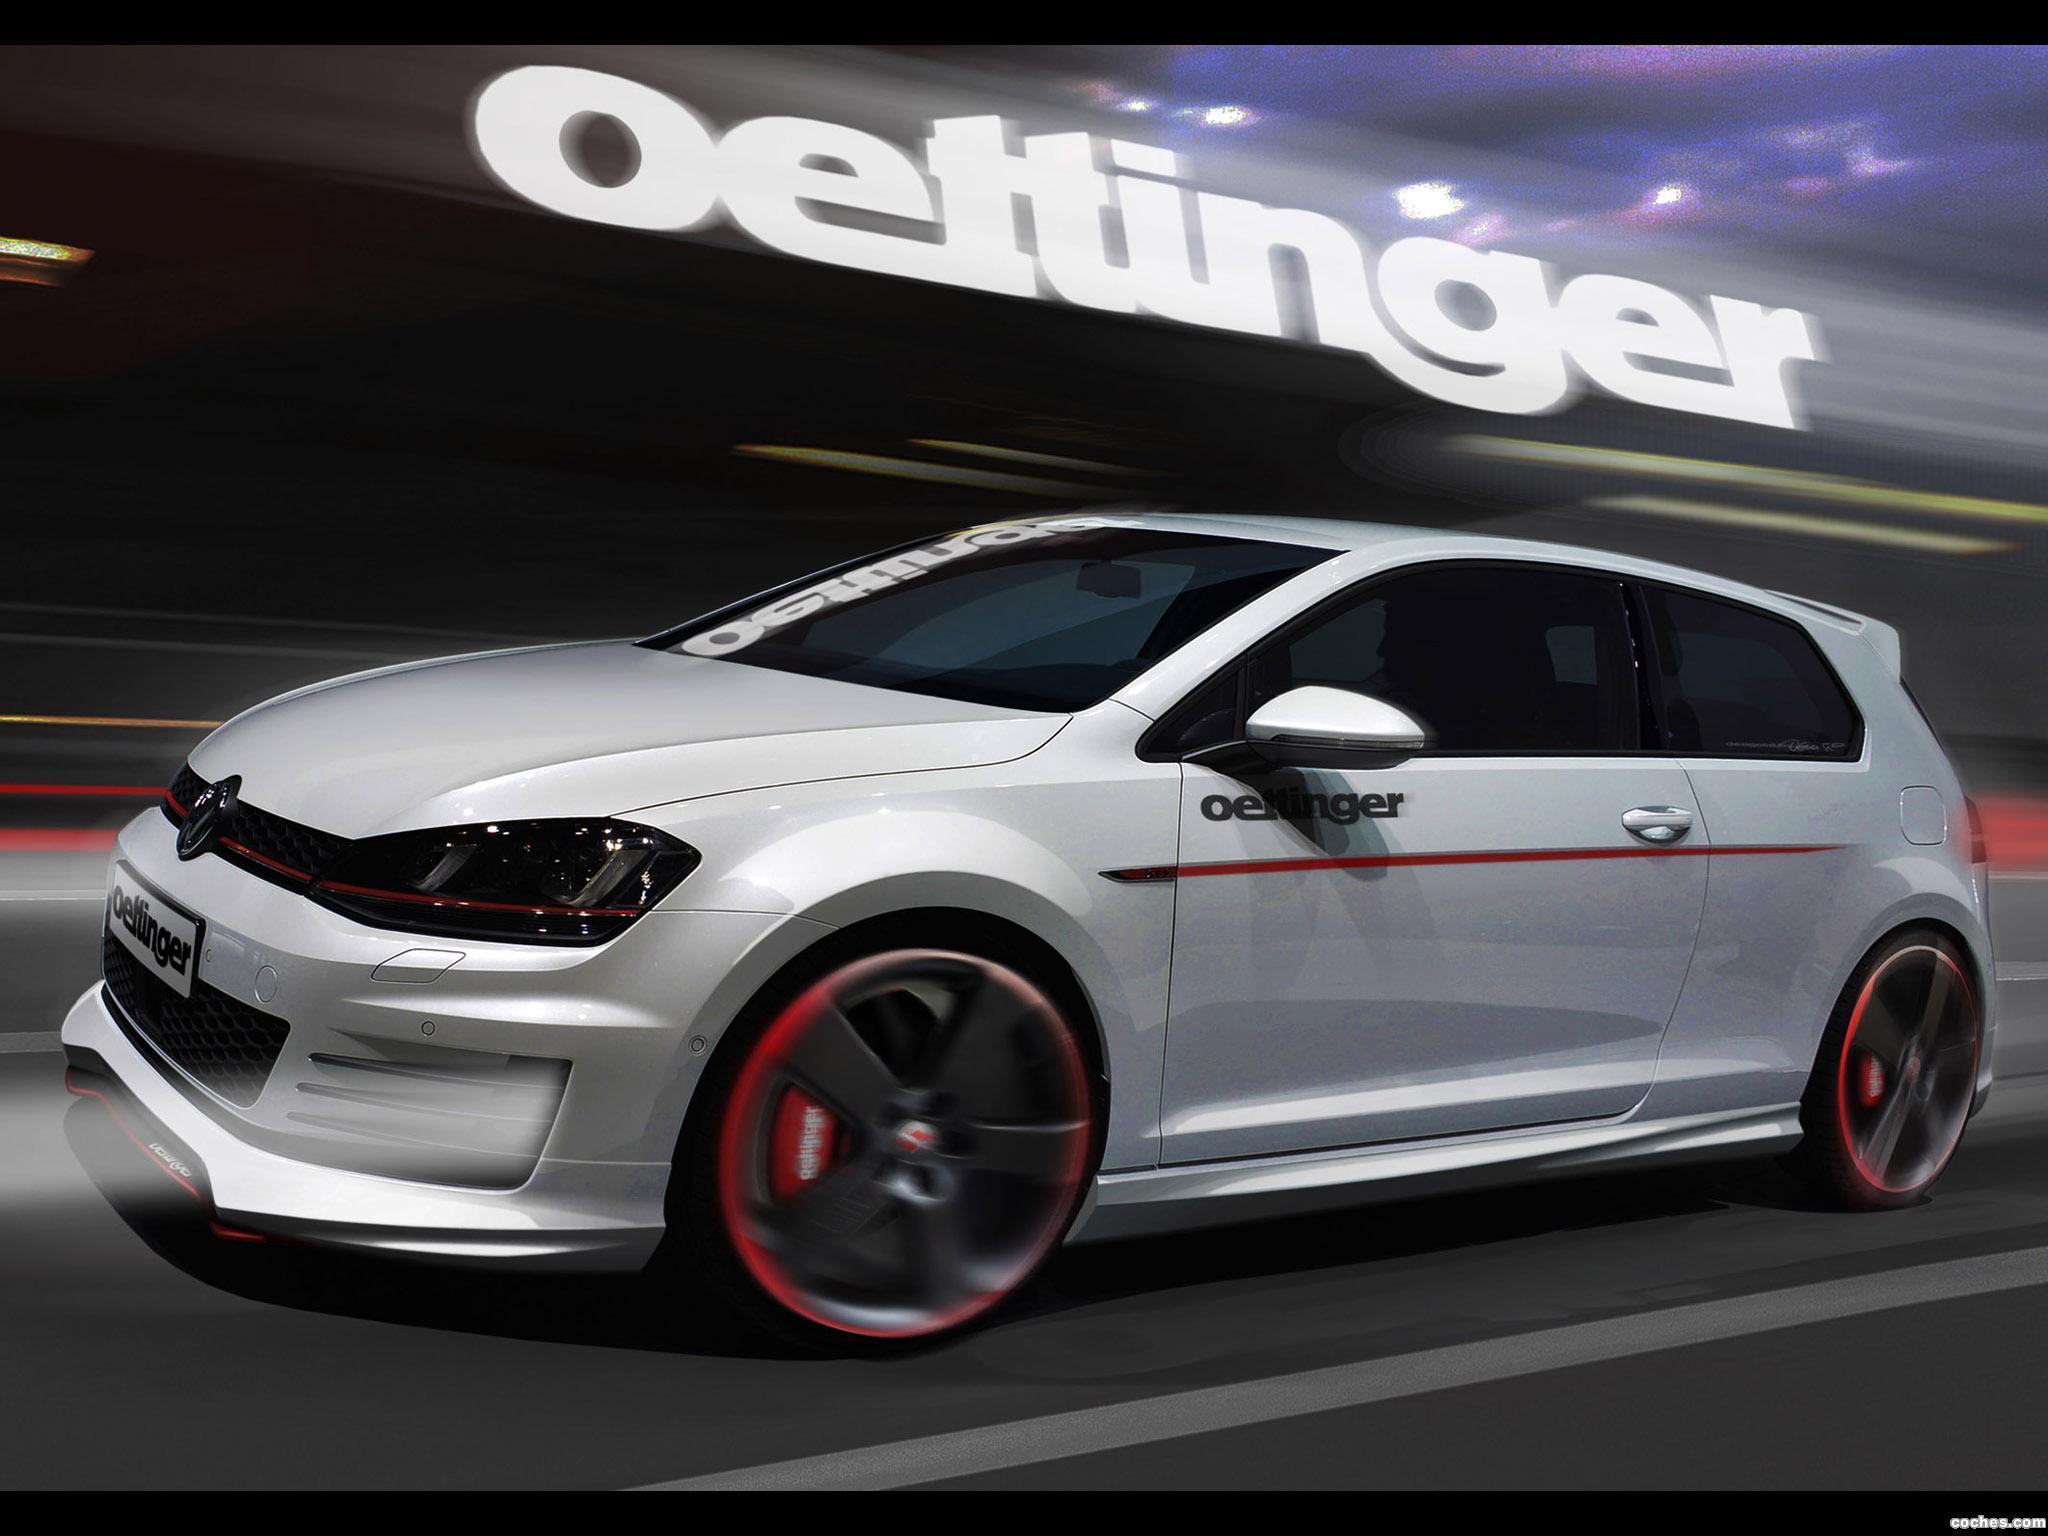 Foto 0 de Oettinger Volkswagen Golf GTI 2013